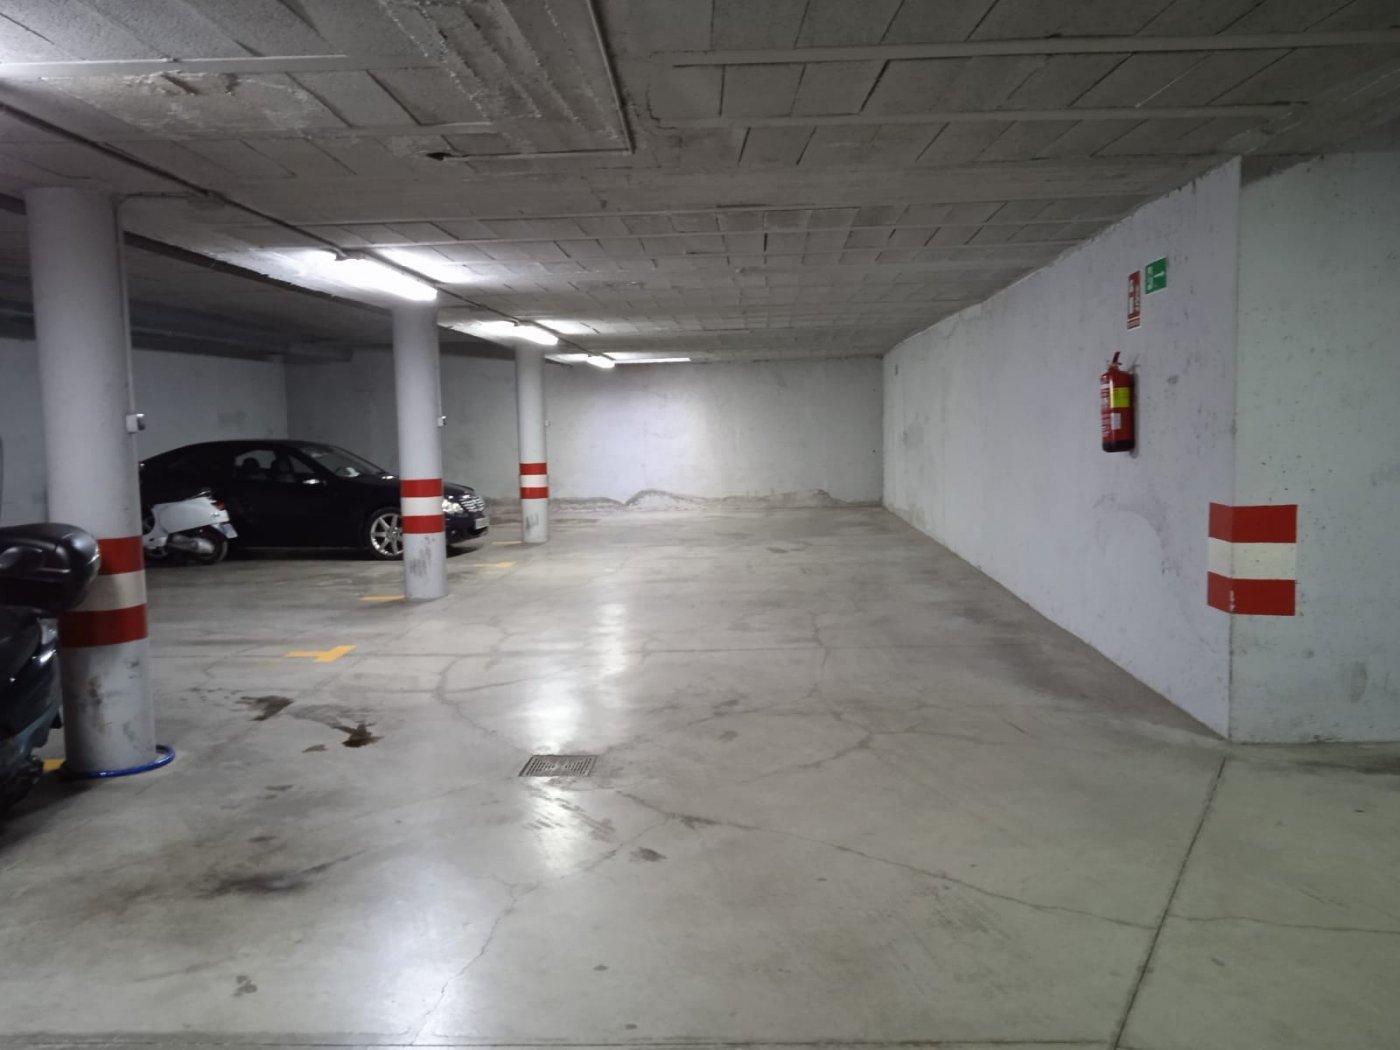 Plaza de garaje a la venta en triana - imagenInmueble3